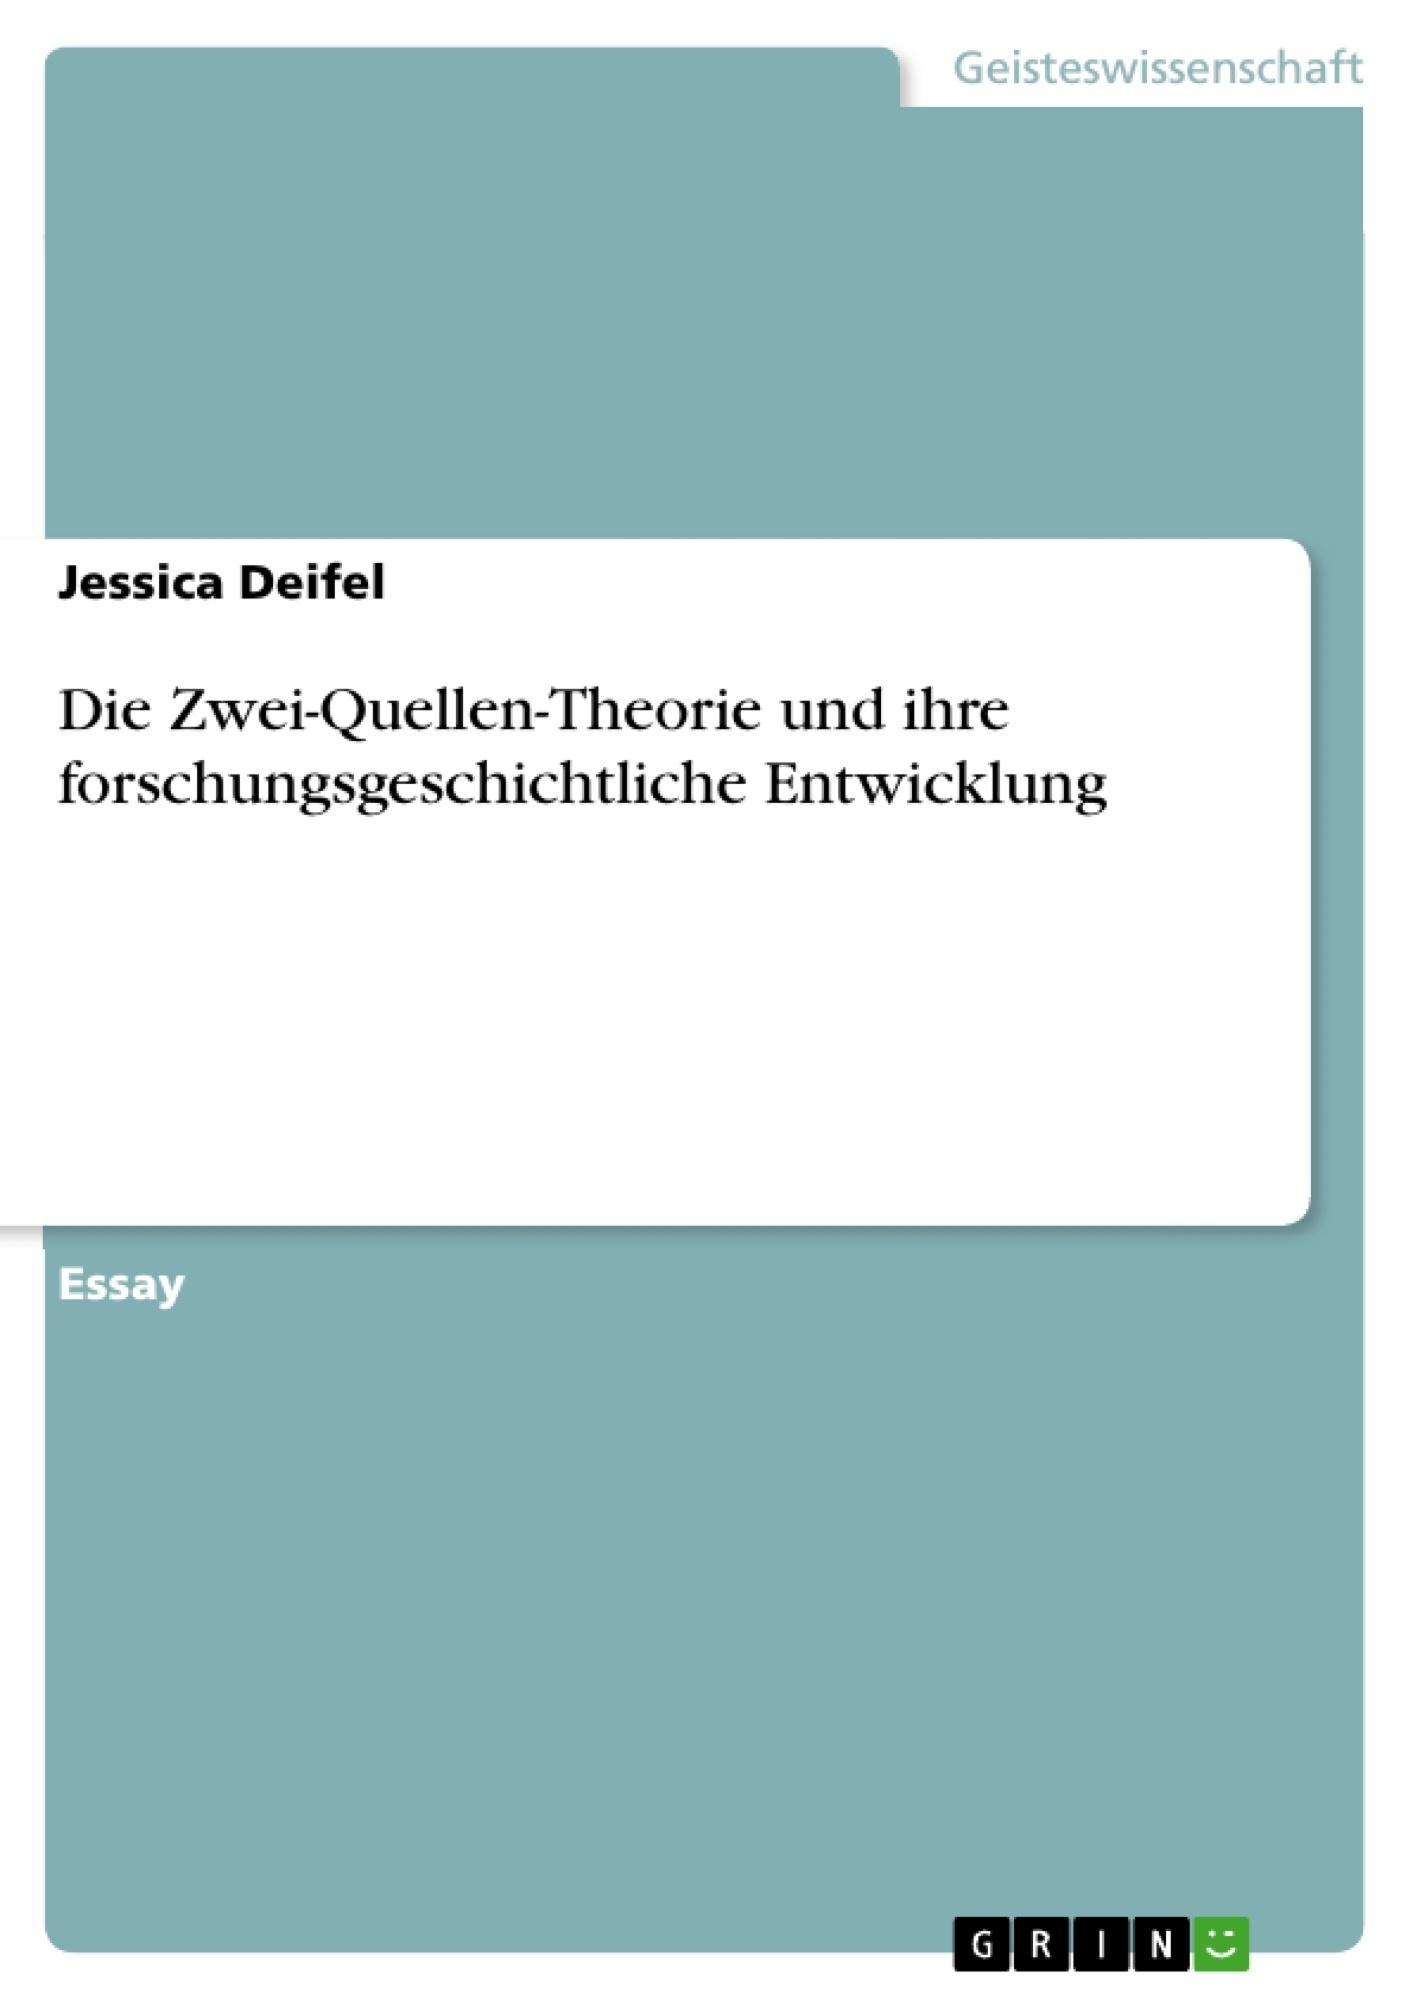 Titel: Die Zwei-Quellen-Theorie und ihre forschungsgeschichtliche Entwicklung